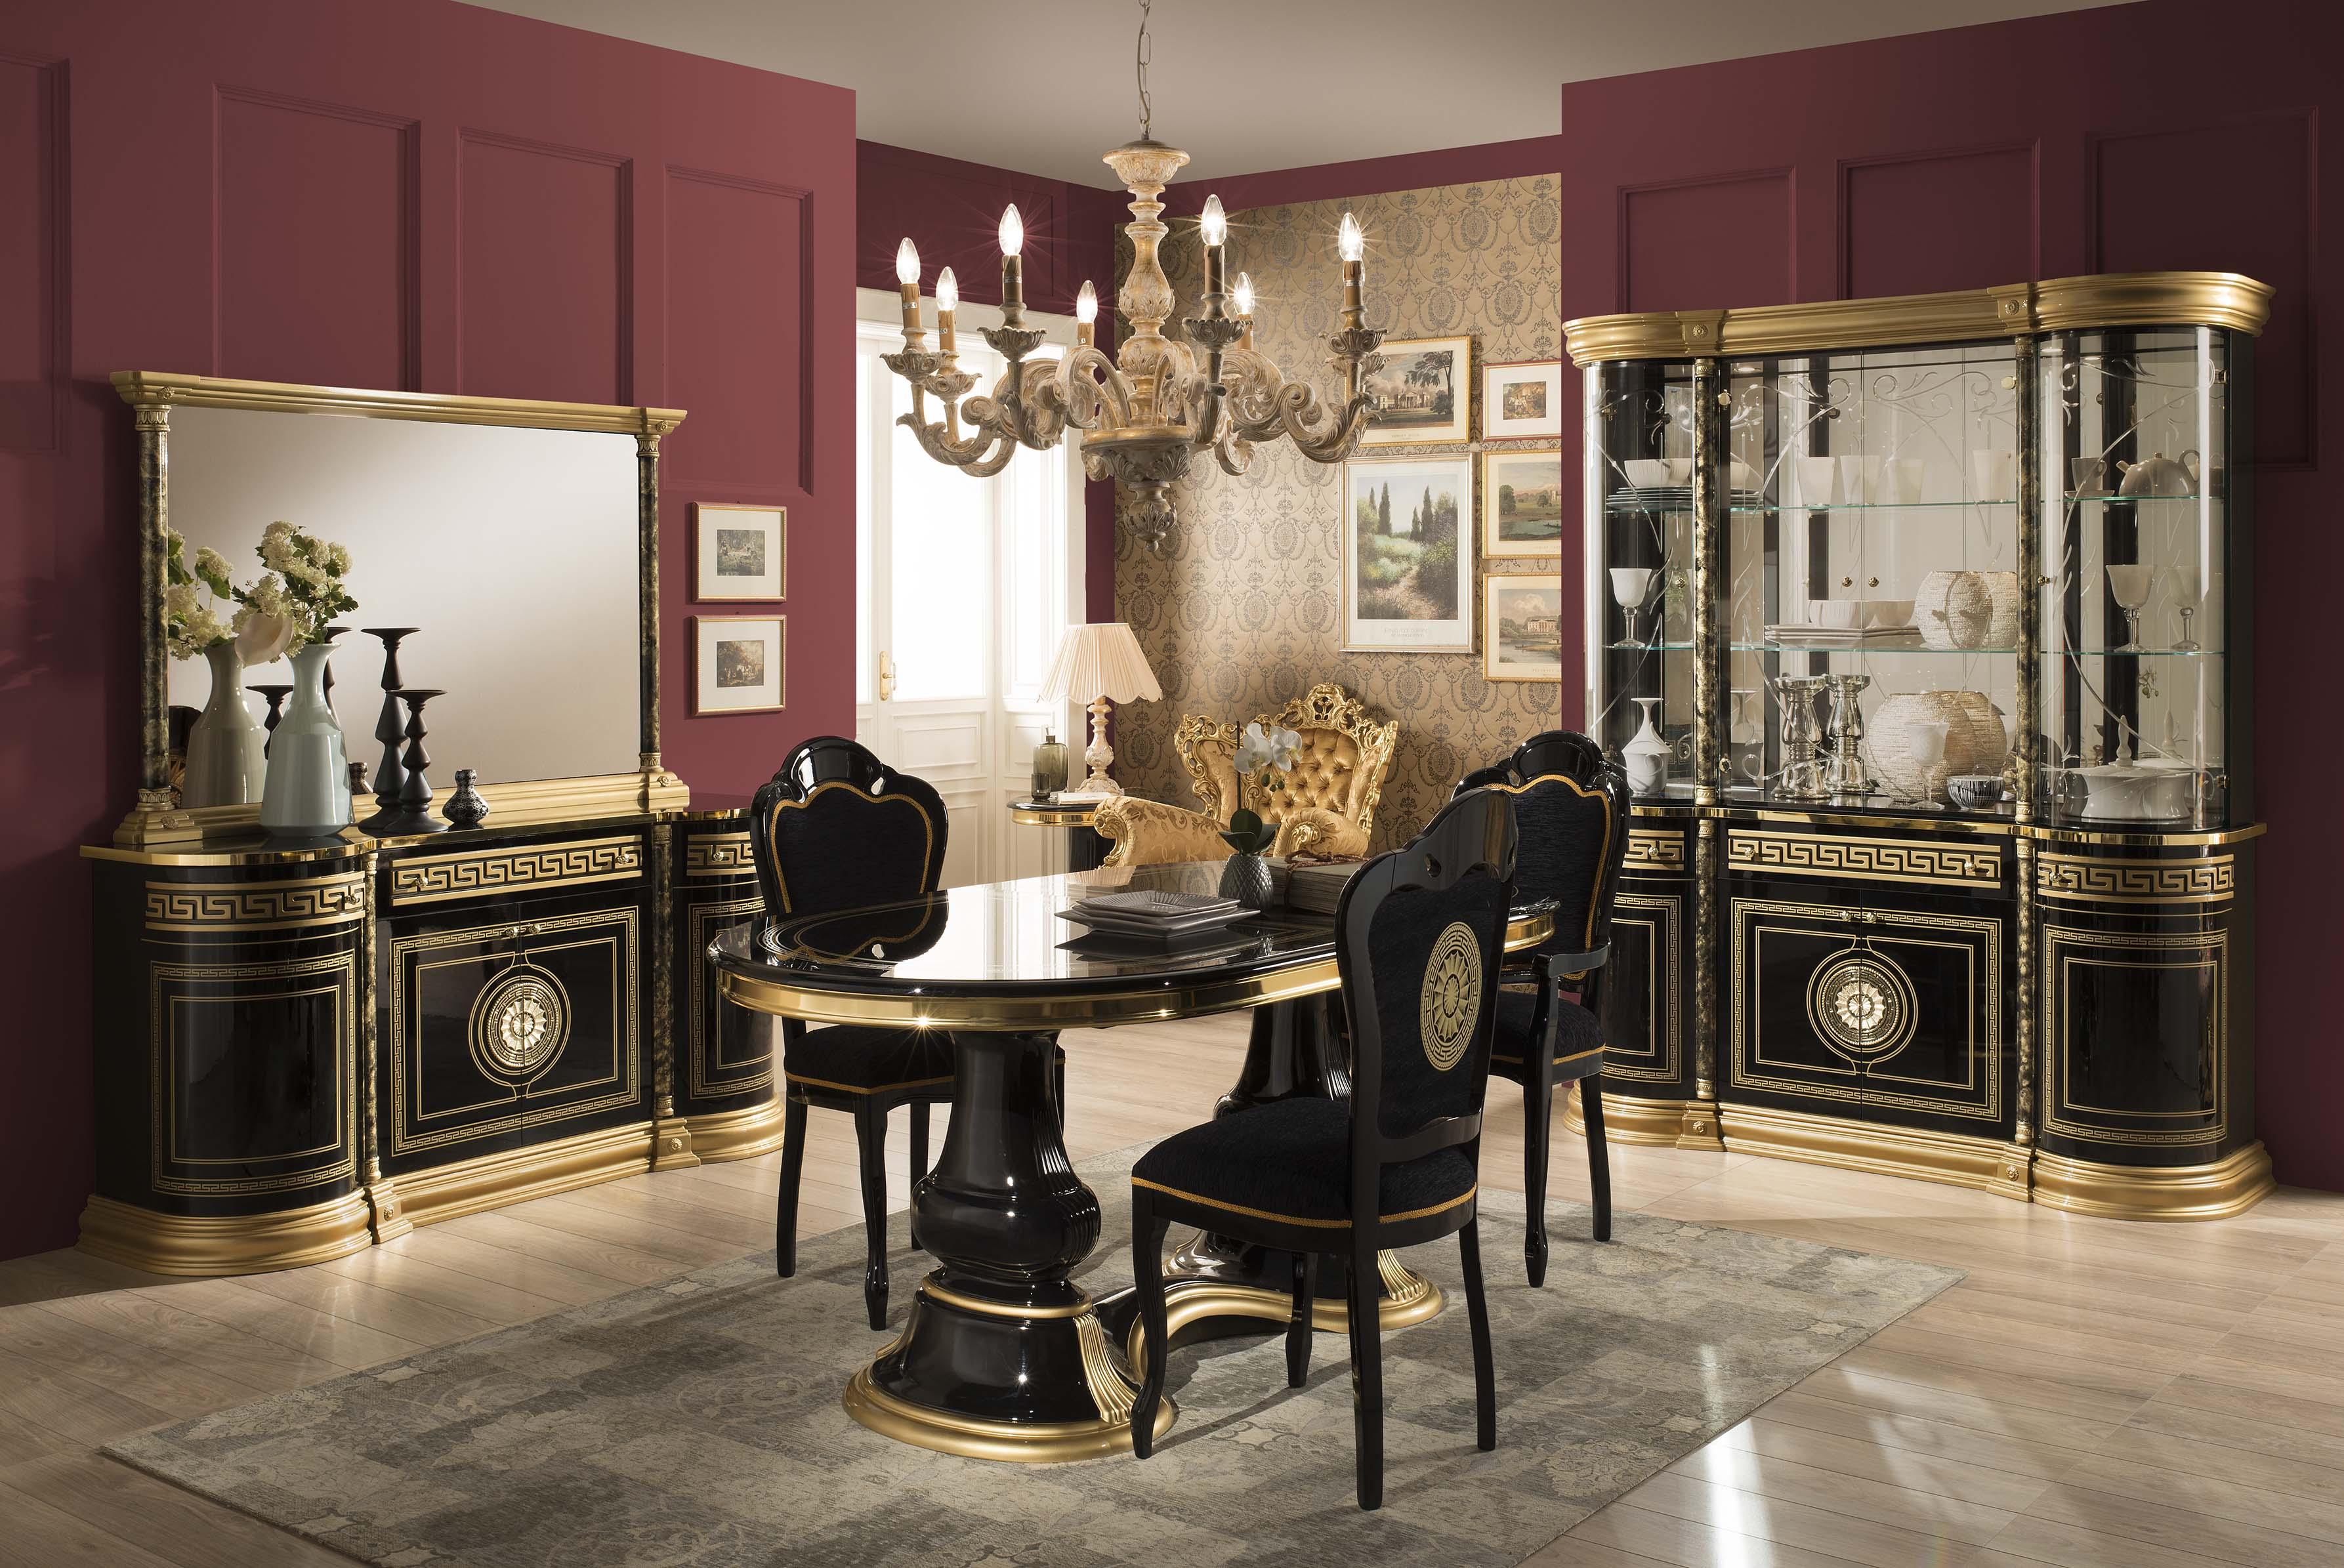 barock kommode mit spiegel g nstige kommode luxus kommode. Black Bedroom Furniture Sets. Home Design Ideas